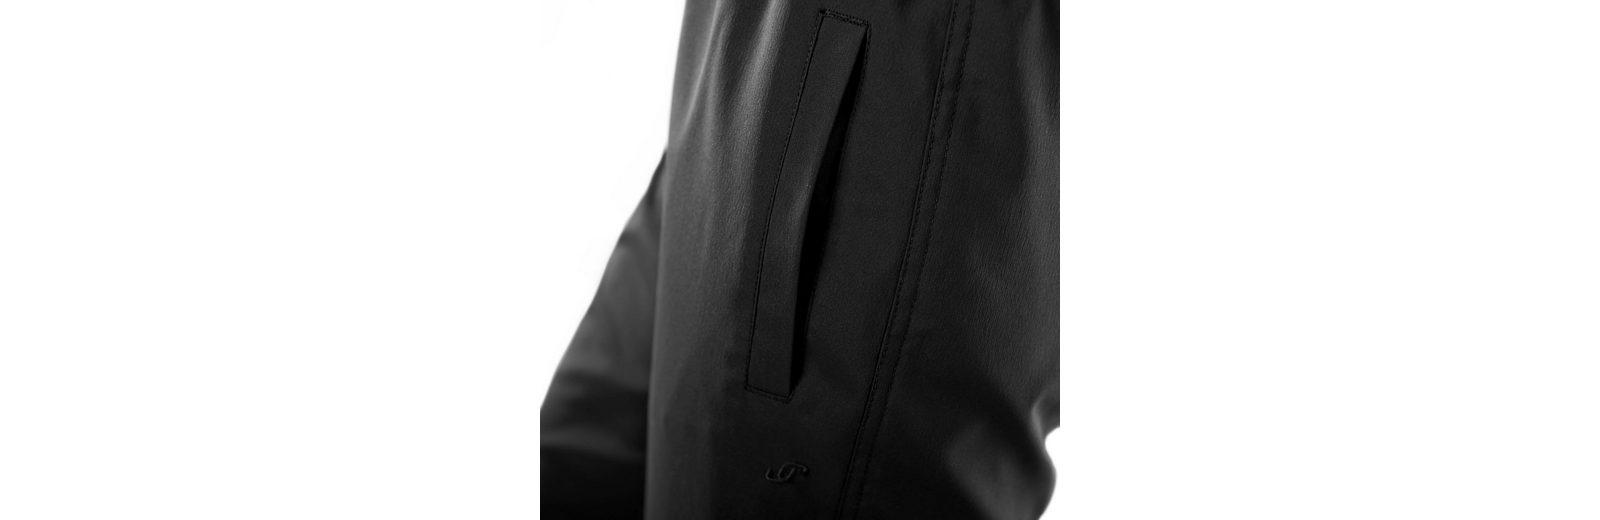 MARVIN Joy Sportswear Joy Sportswear Caprihose rUIwxUvgq